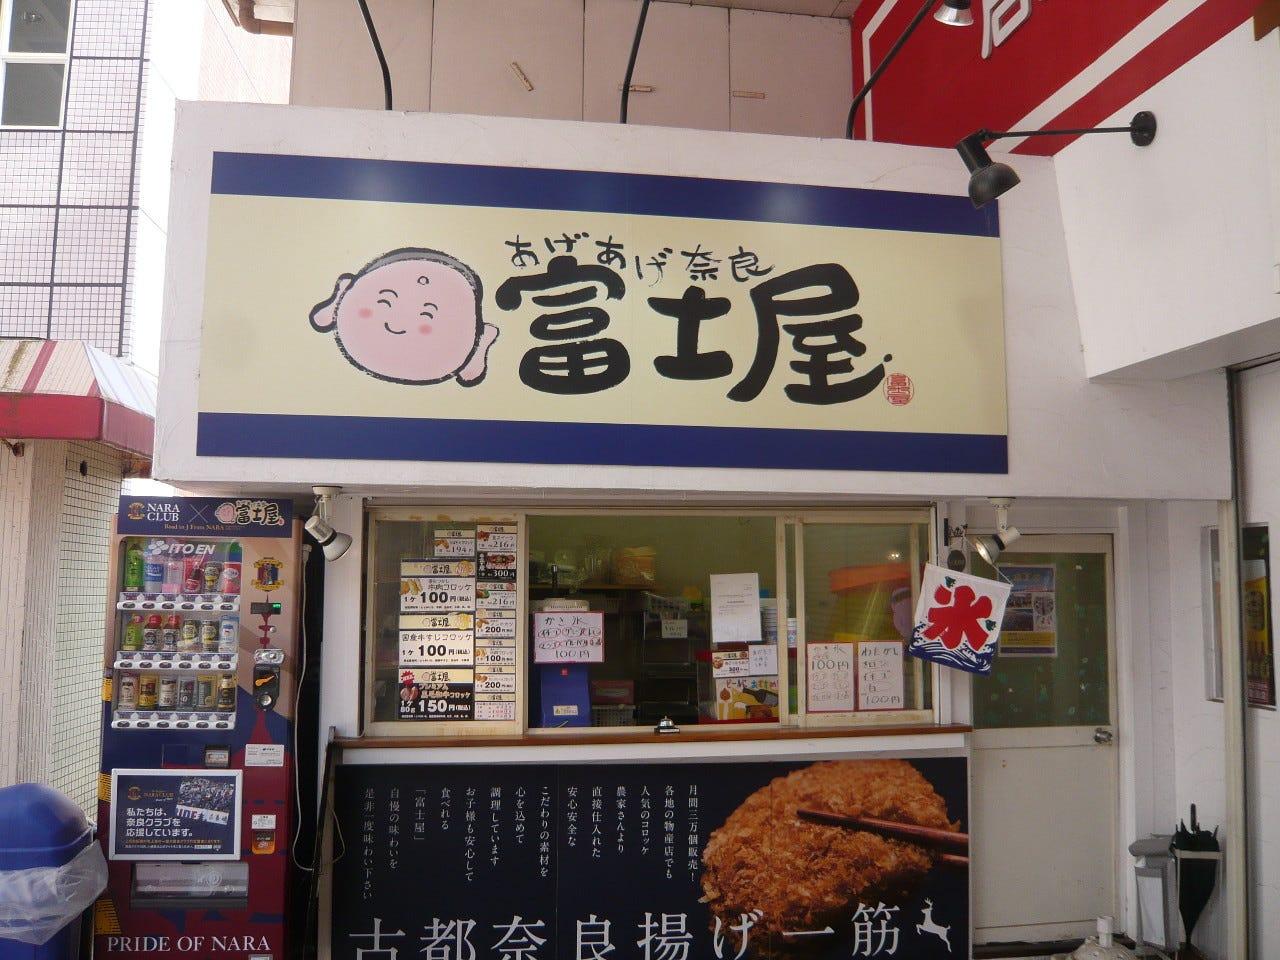 富士屋コロツケ11月より販売開始